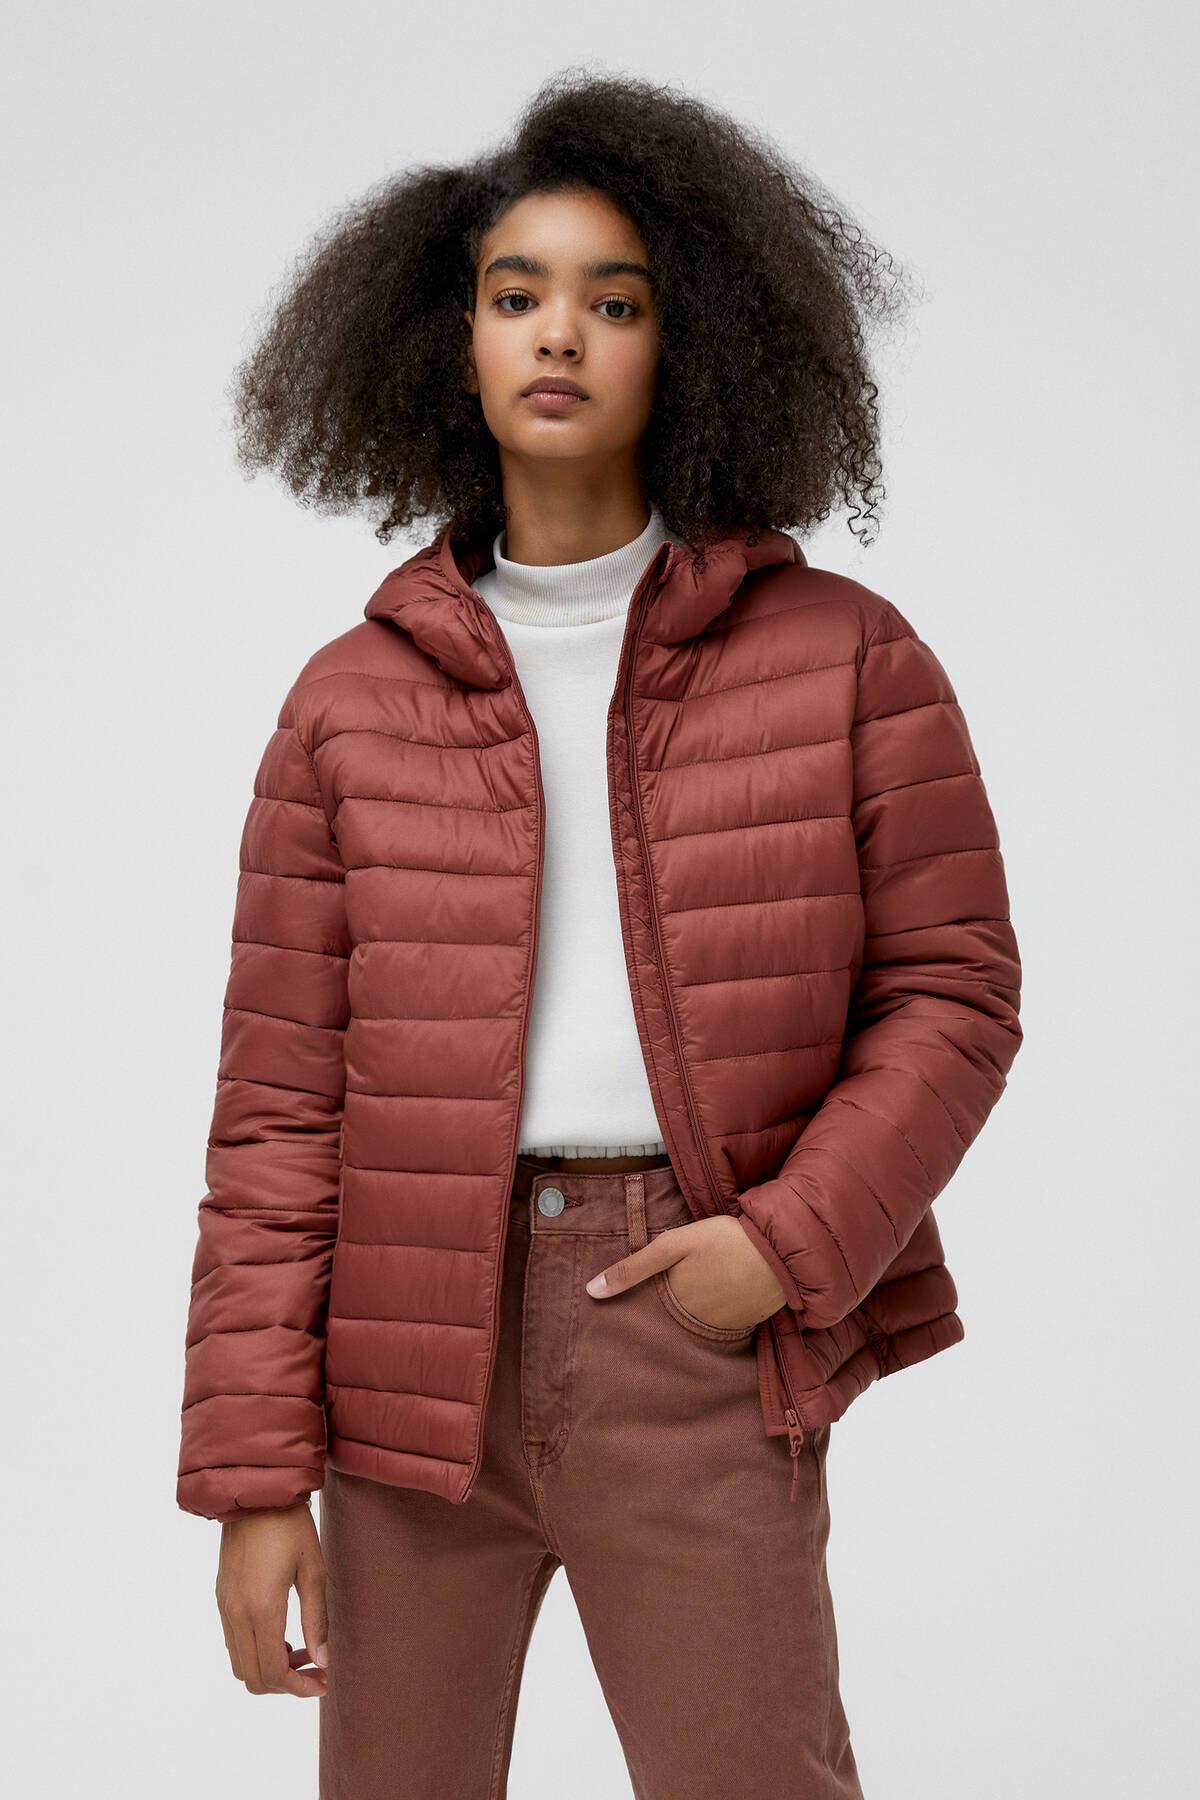 Pull & Bear Kadın Kil Rengi Basic Şişme Mont 09714333 0